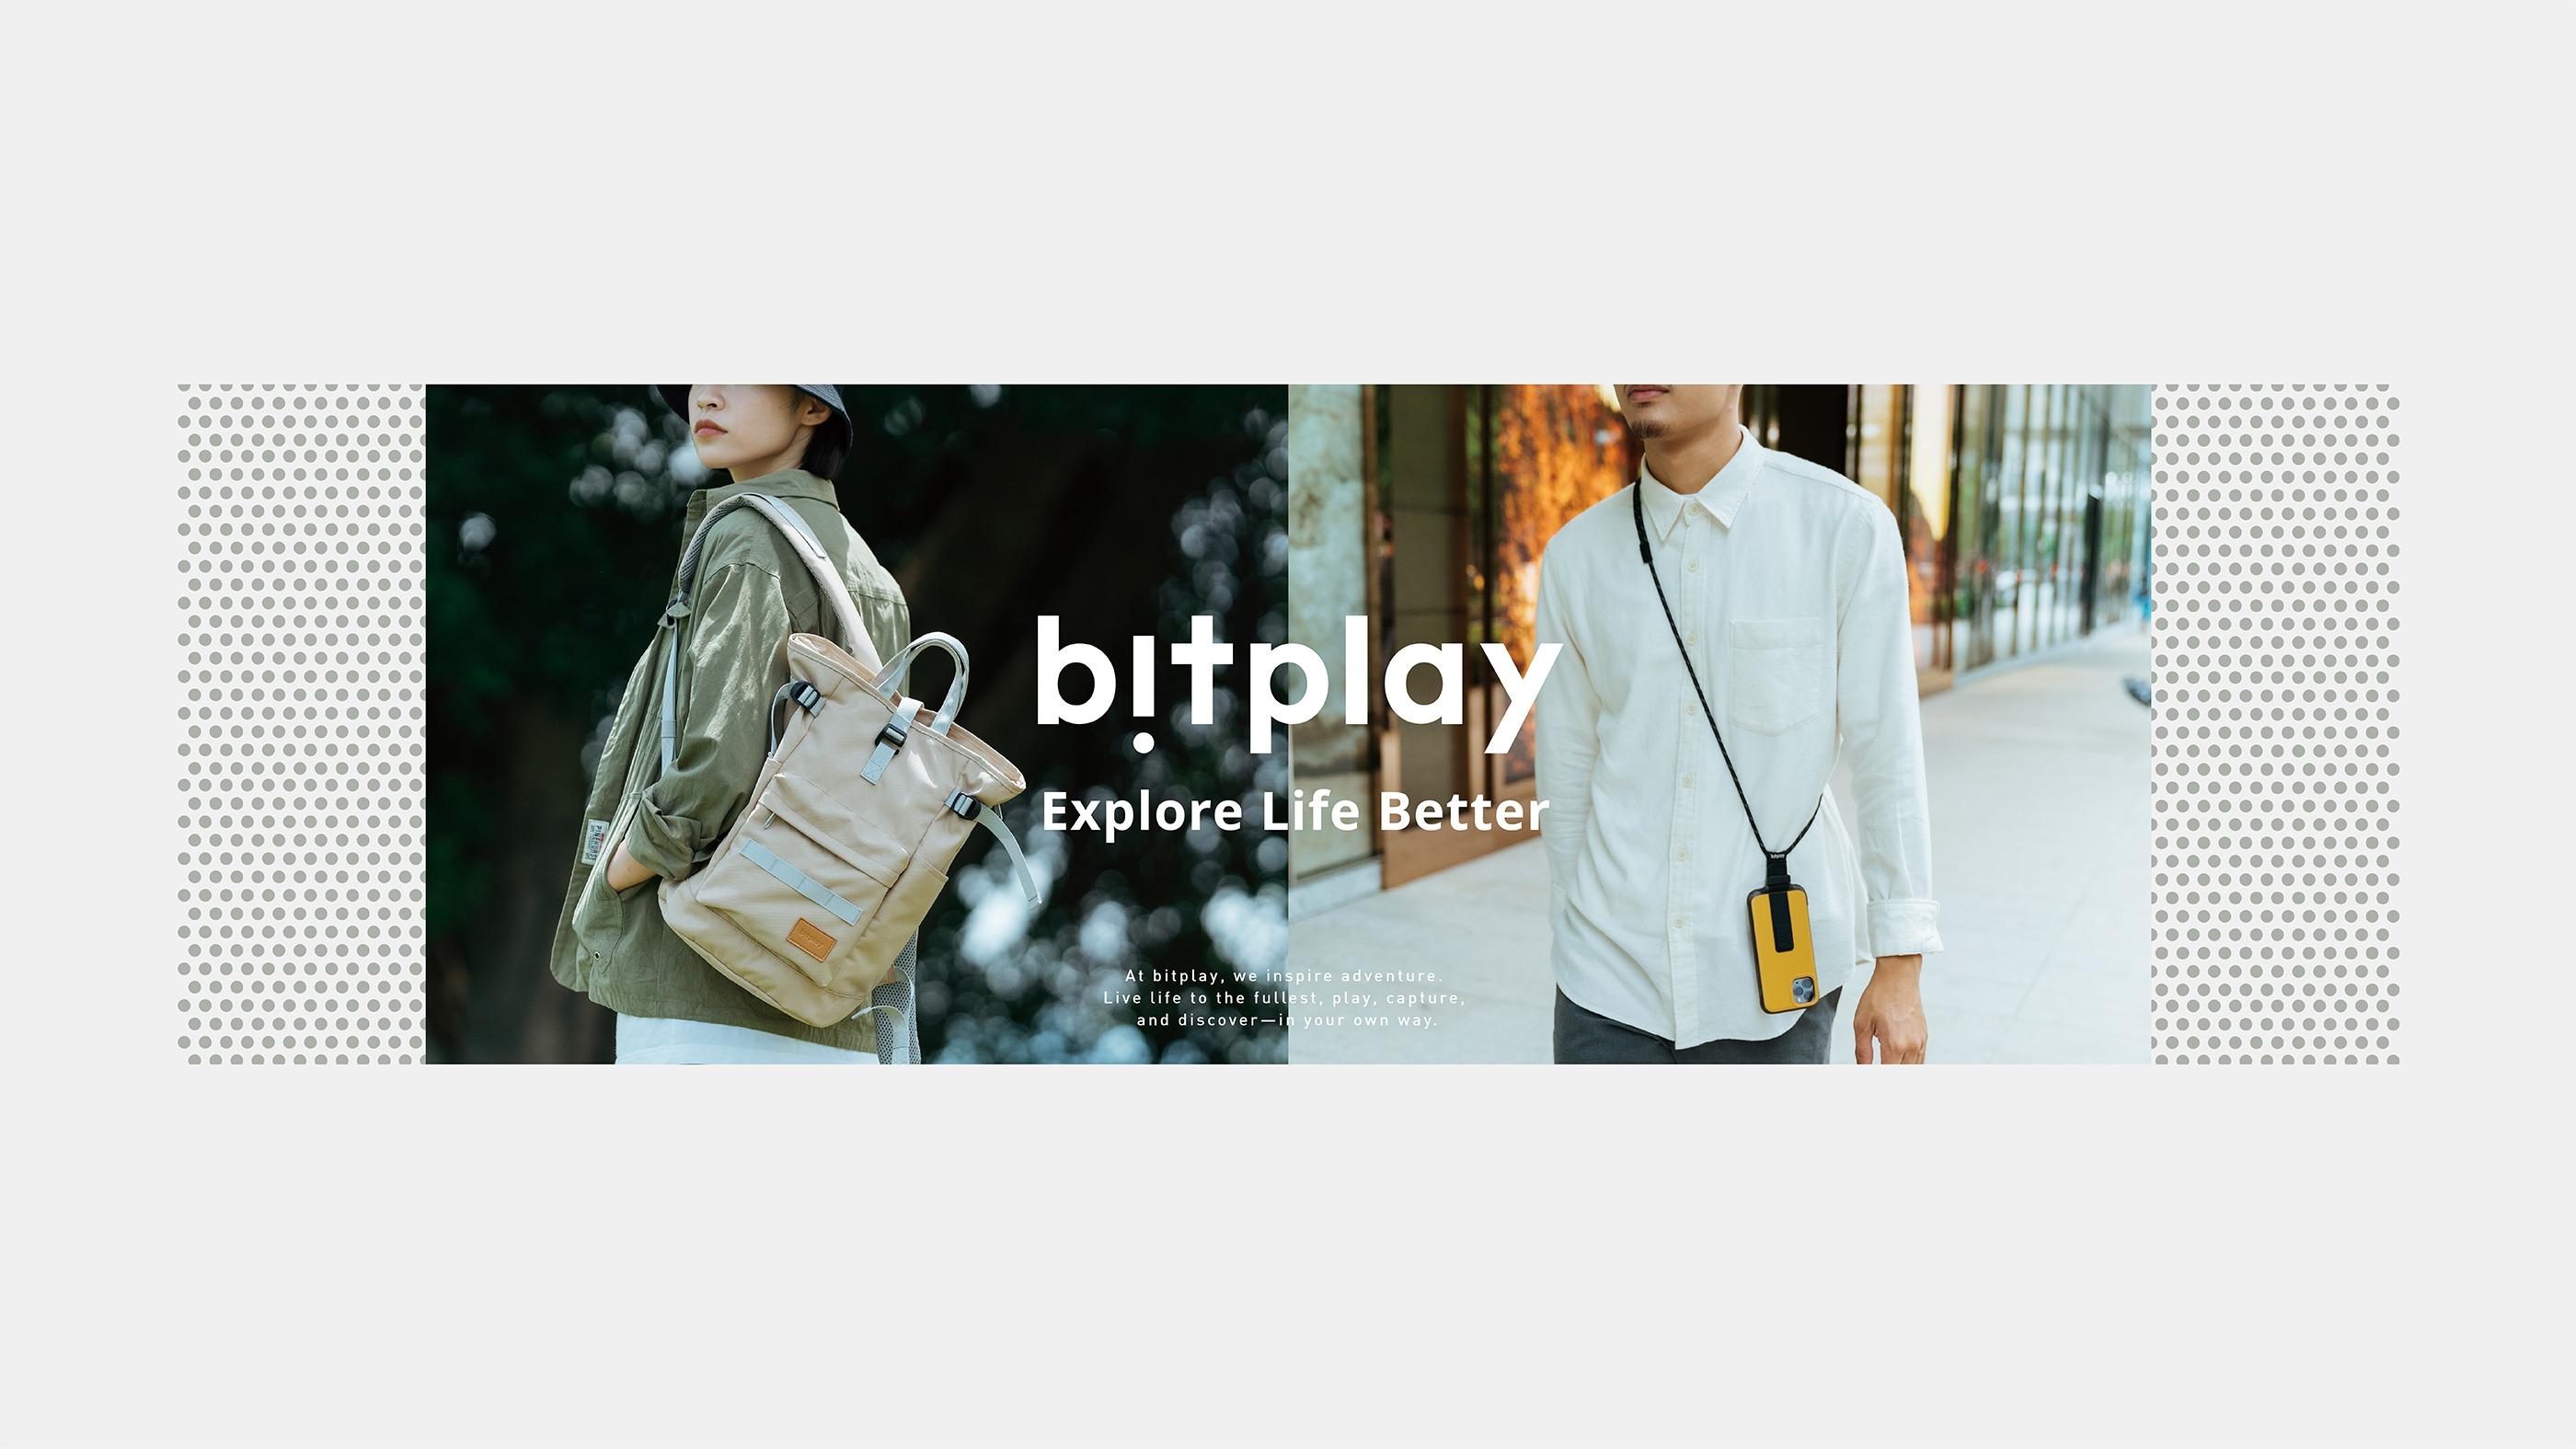 設計師品牌 - bitplay